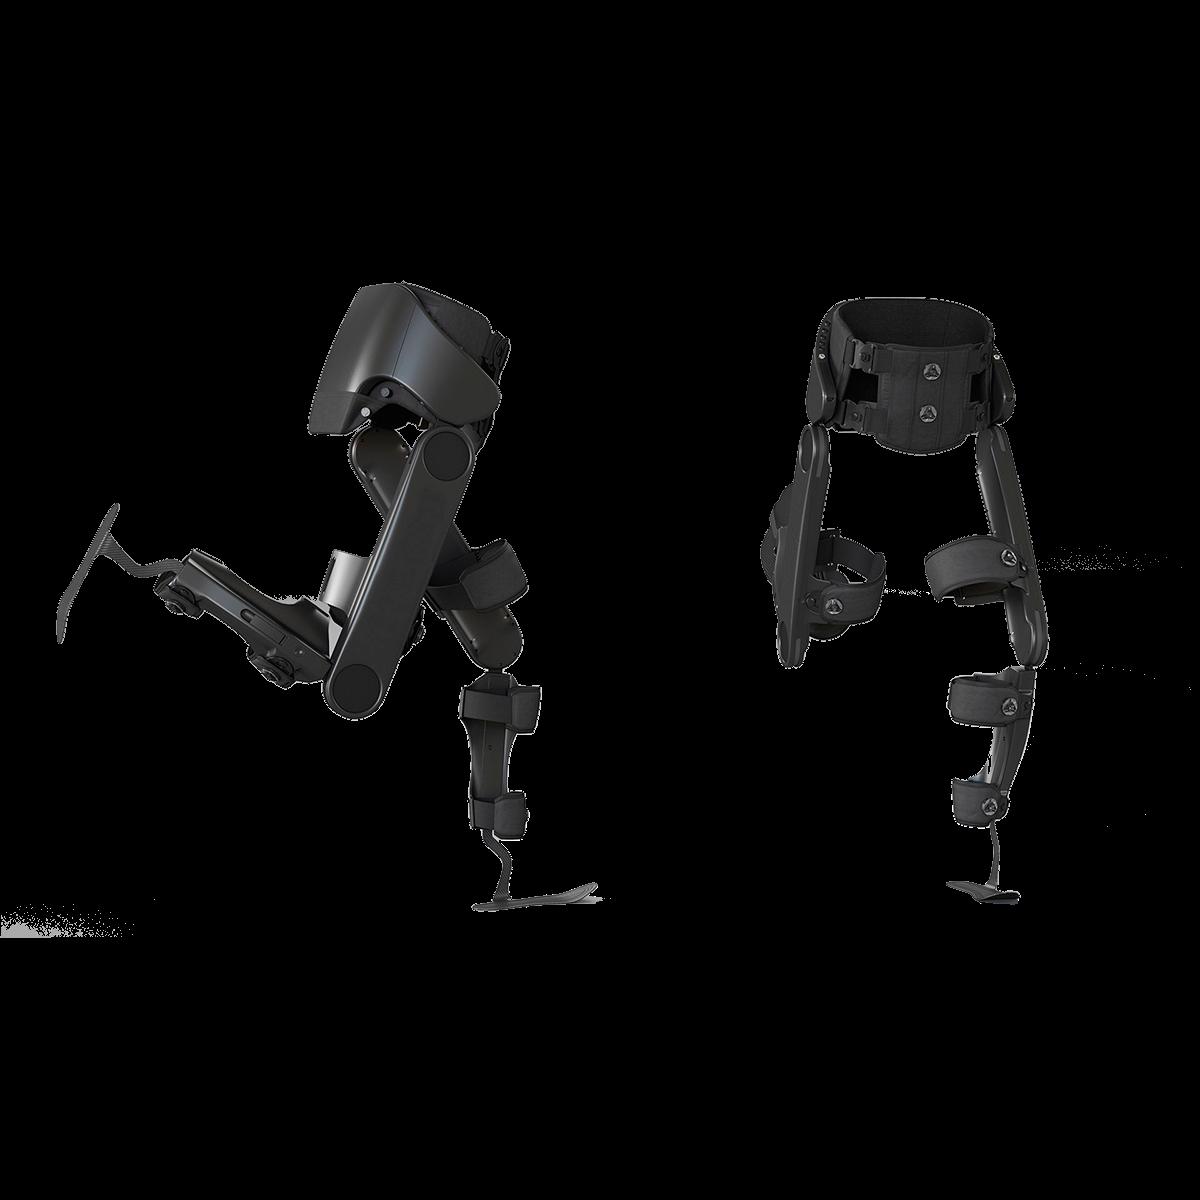 Exoskeleton Rehabilitation